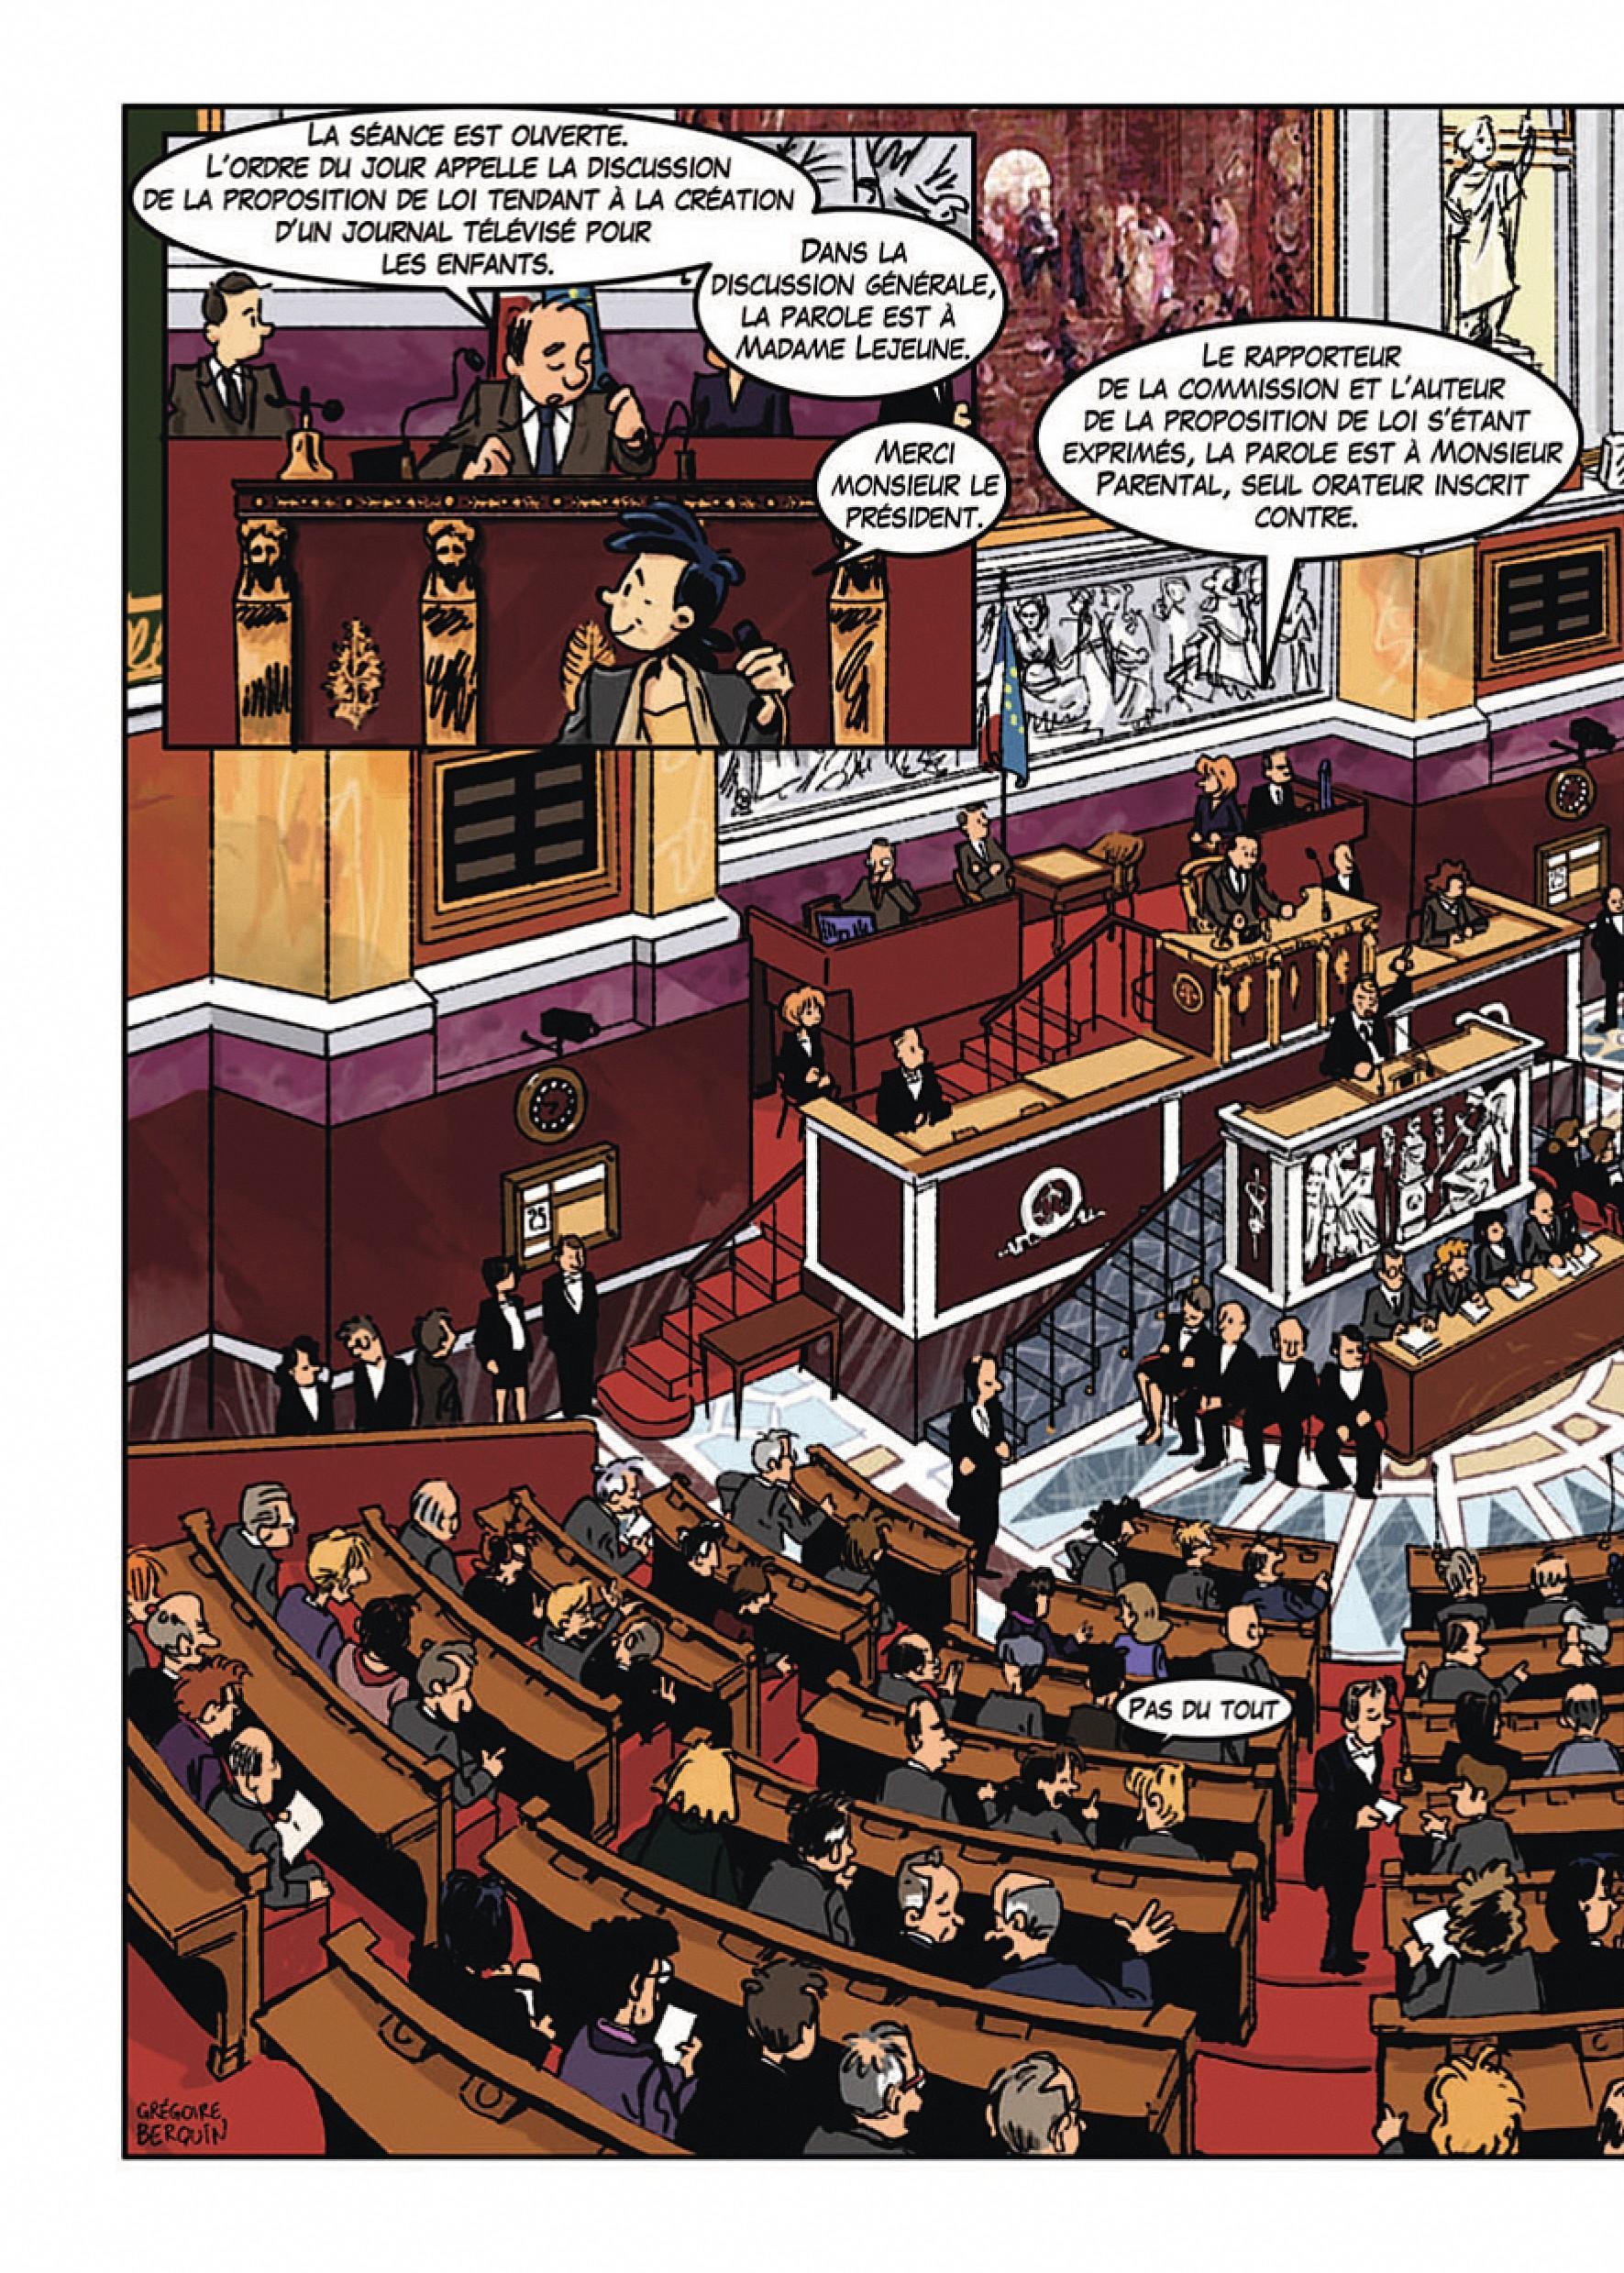 Grégoire Berquin, À la découverte de l'Assemblée nationale, 2011.